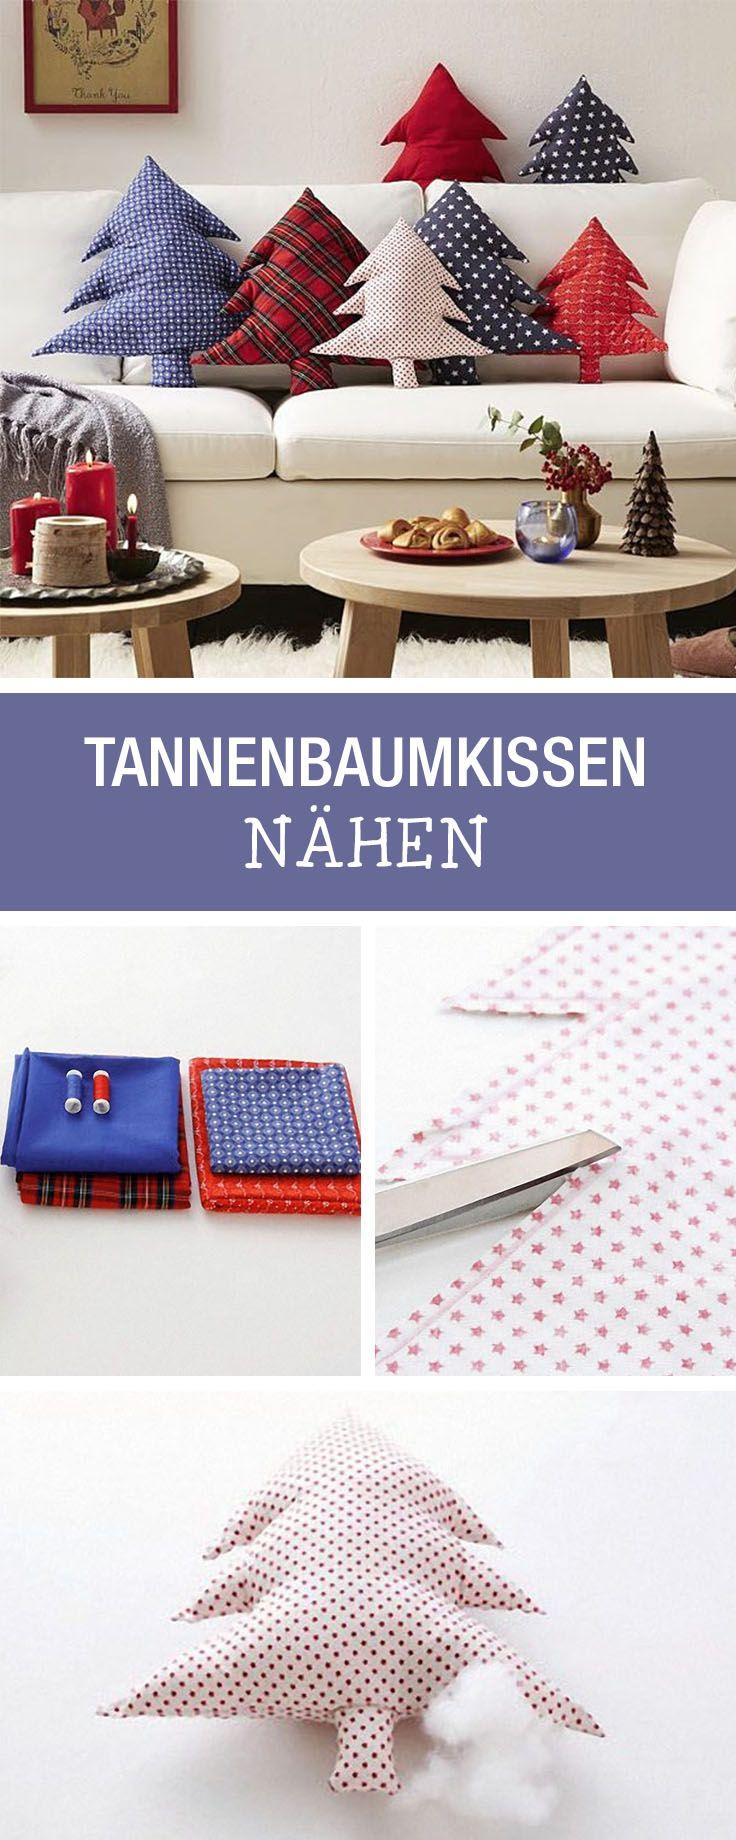 141 best diy images on pinterest sewing ideas sewing projects diy anleitung tannenbaumkissen nahen via dawanda com